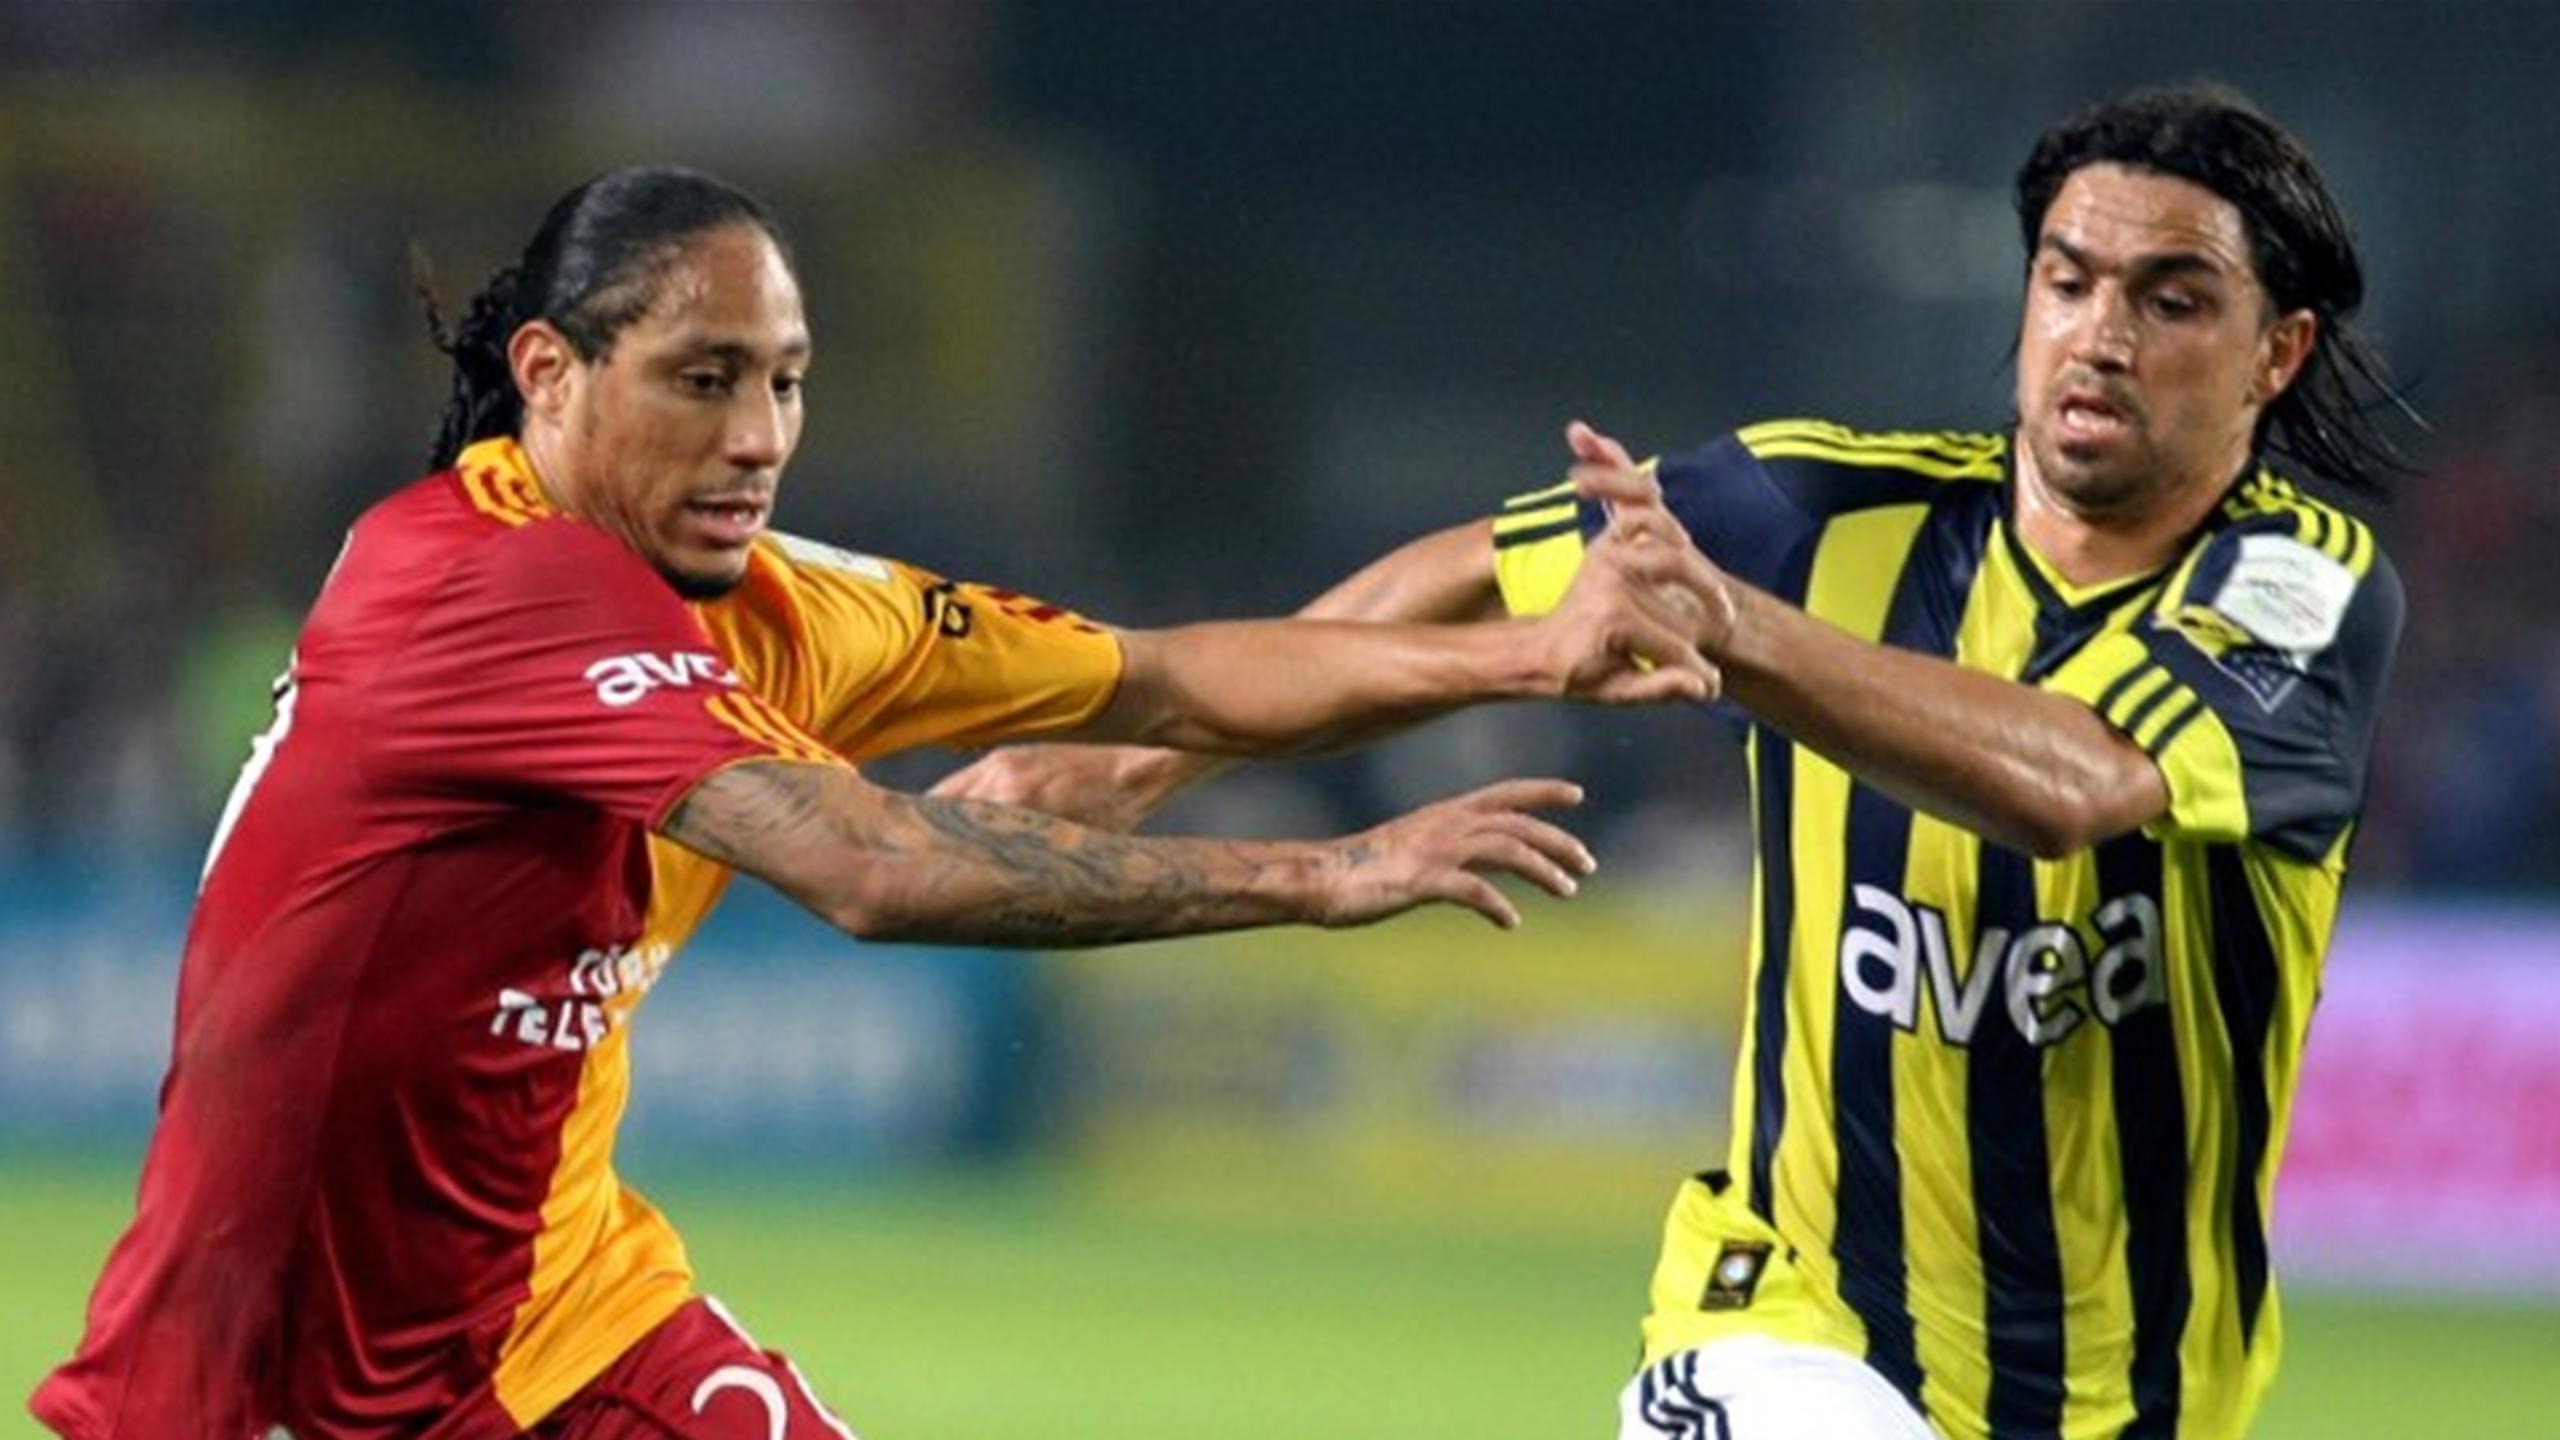 Fenerbahçe'in Kadıköy'de Galatasaray'a Yenilmediği 19 lig maçı 14